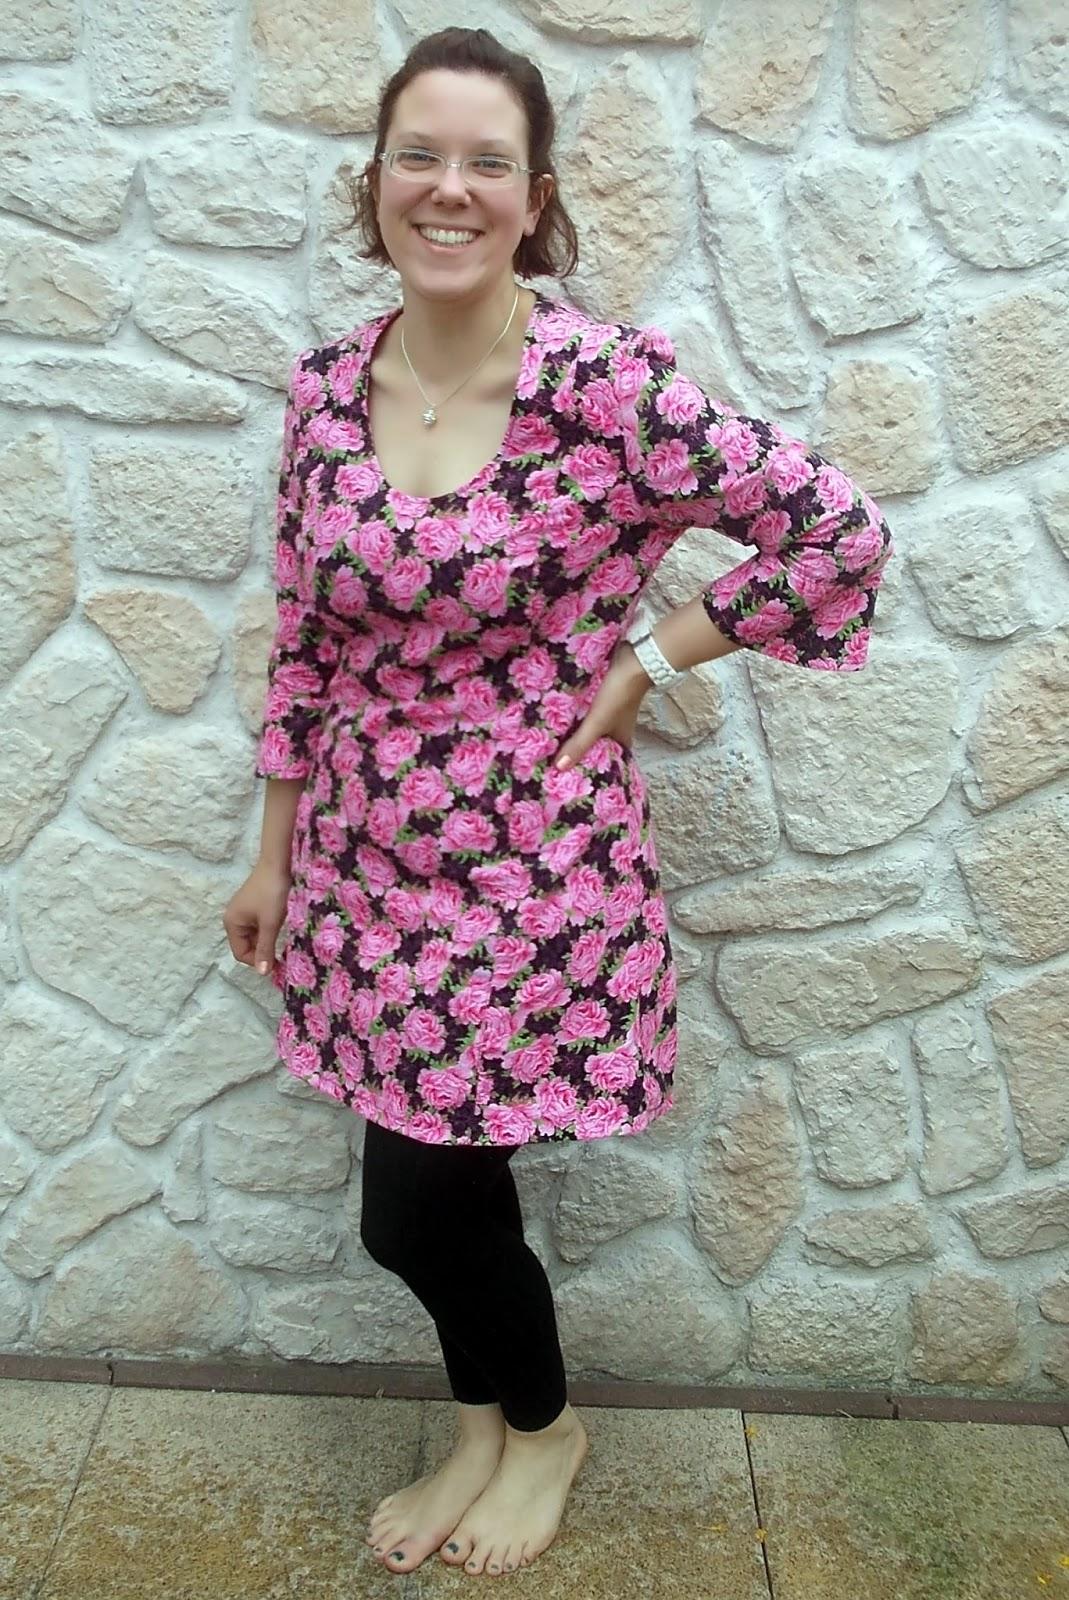 K(l)eine Kindersachen - frisch genäht: Tunika-Kleid Svea für mich